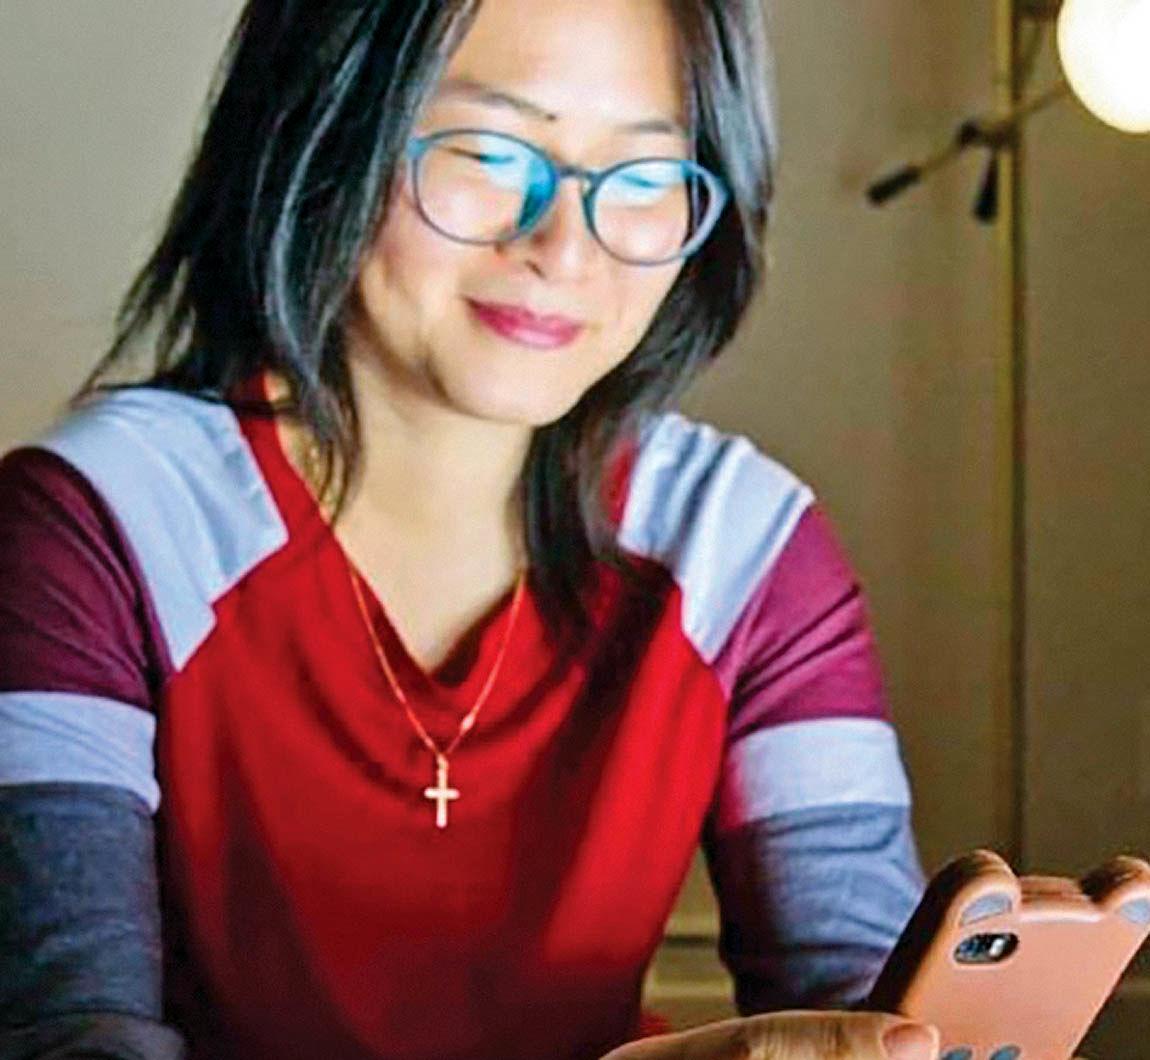 سارا یانگ: استفاده از تخصص دیجیتال برای اثرگذاری اجتماعی